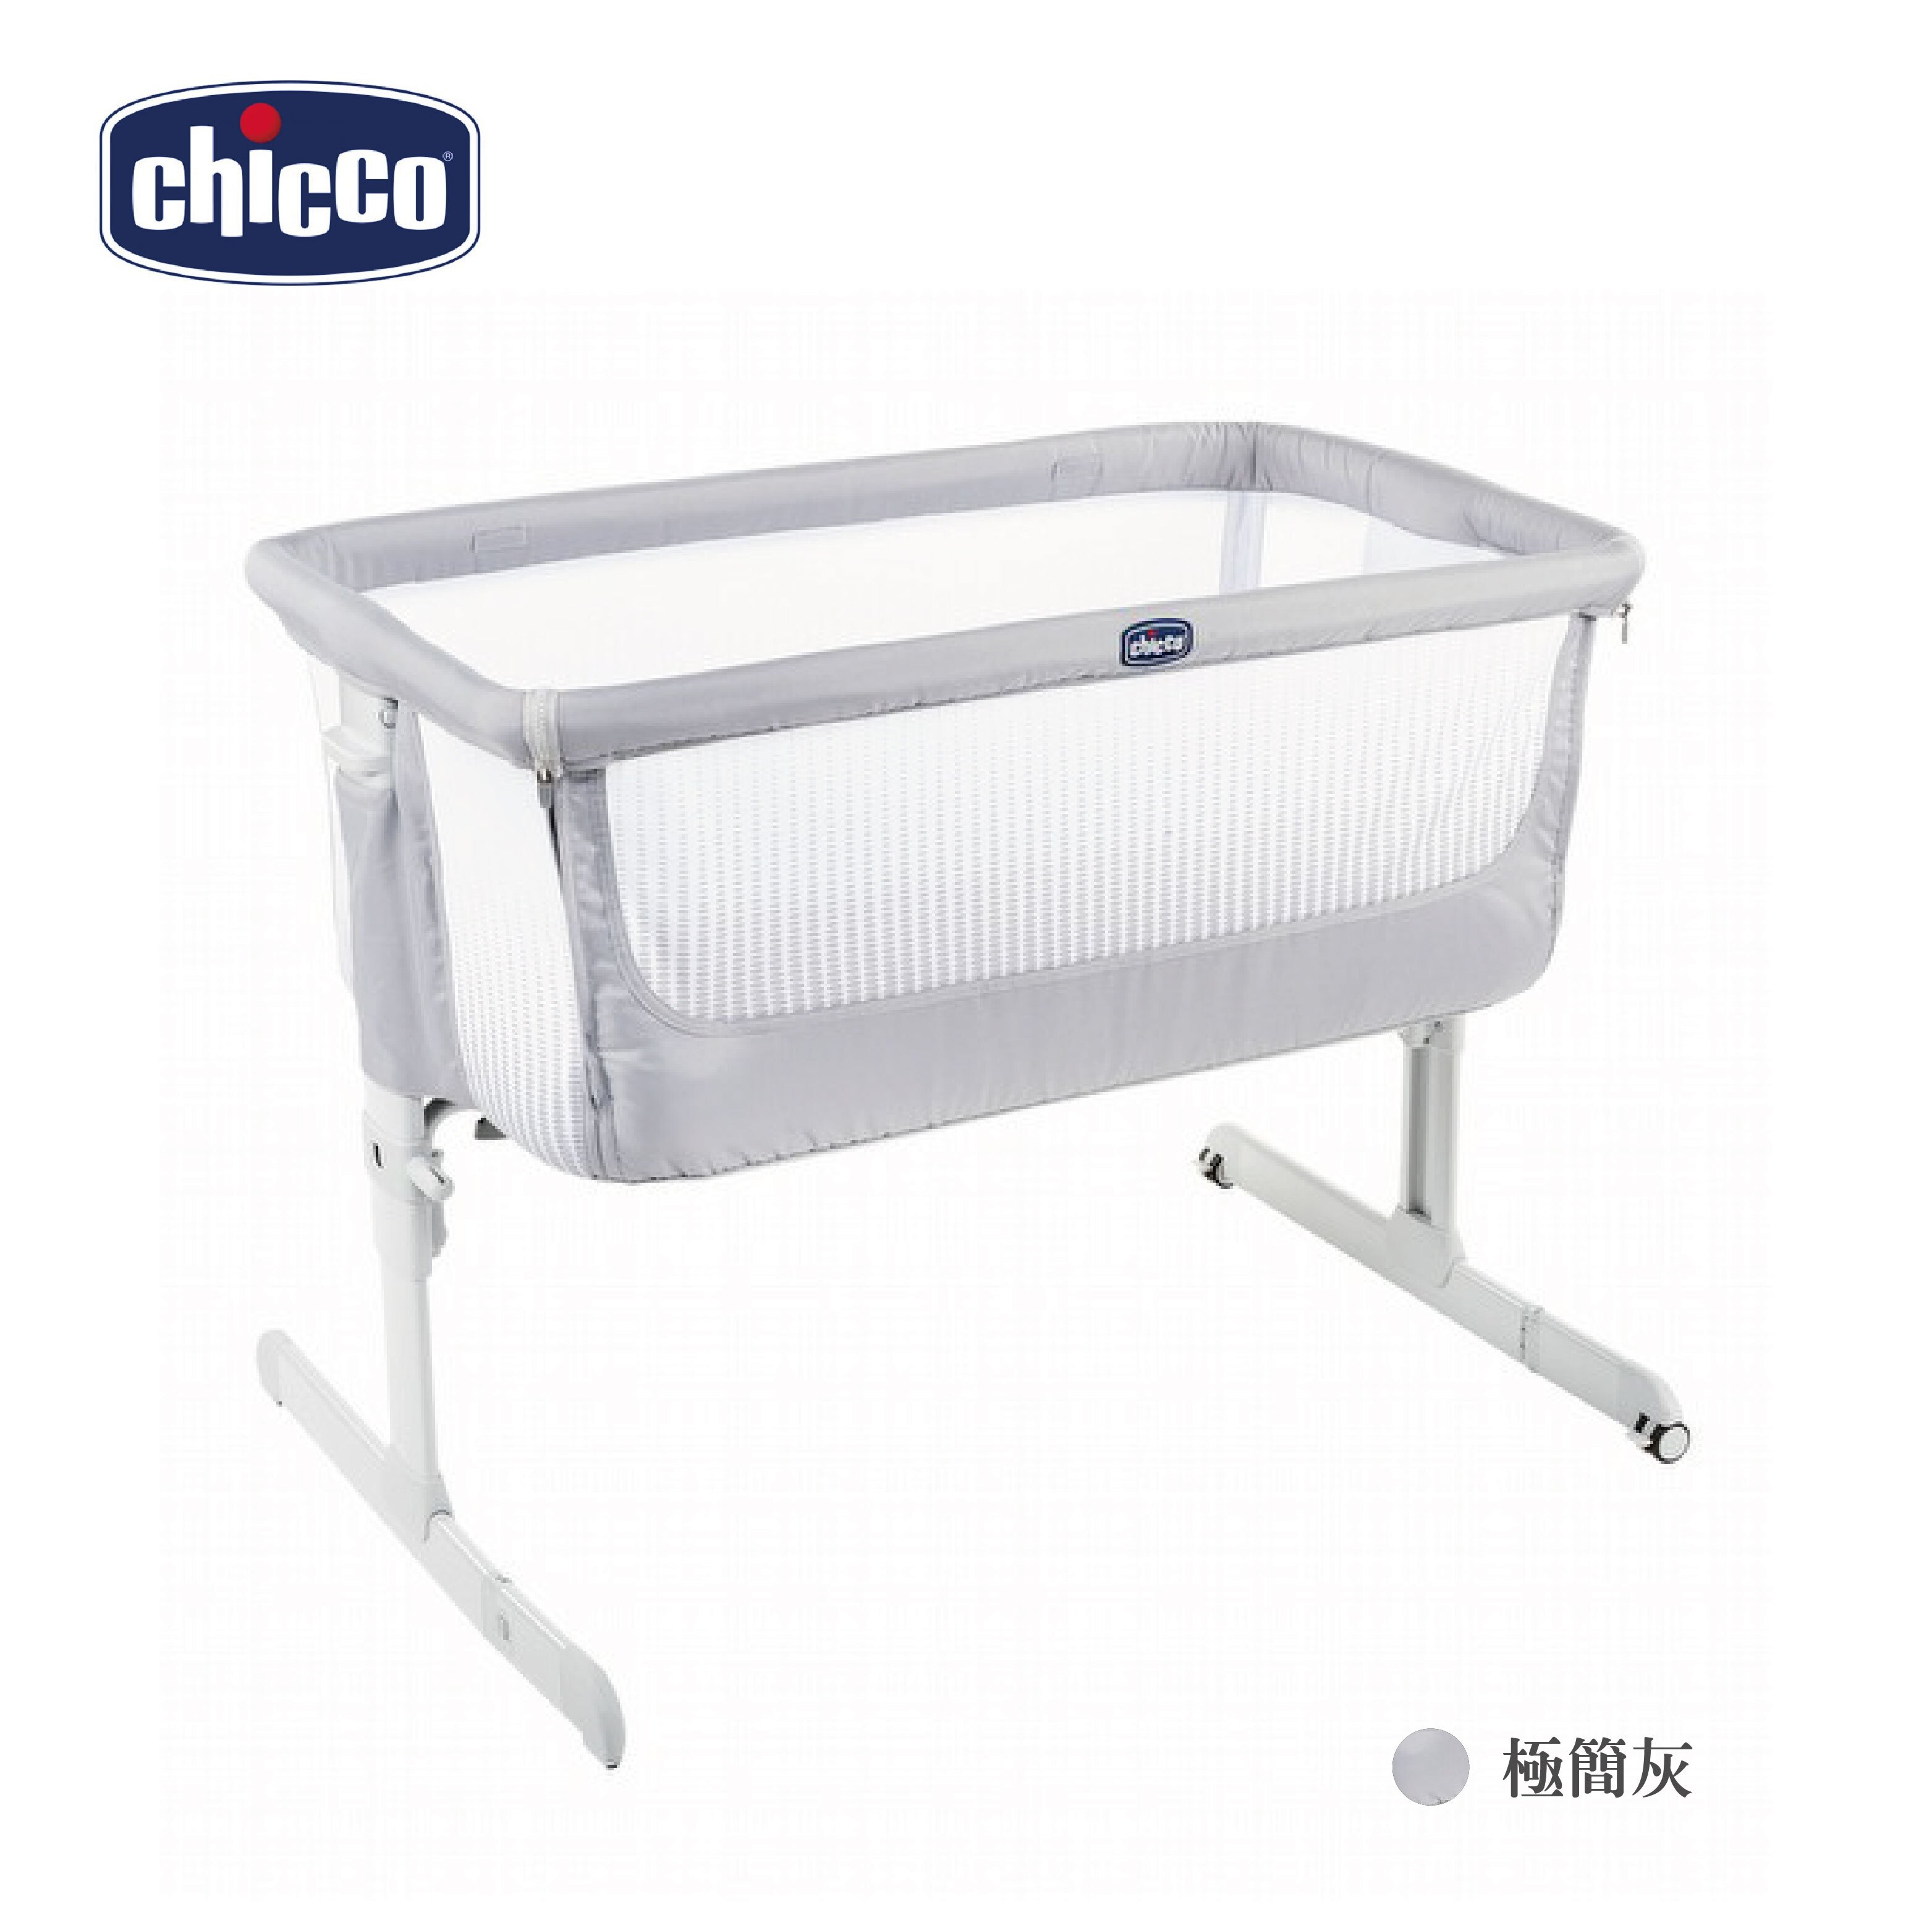 義大利 Chicco Next 2 Me多功能親密安撫嬰兒床邊床 Air版(5色可選)